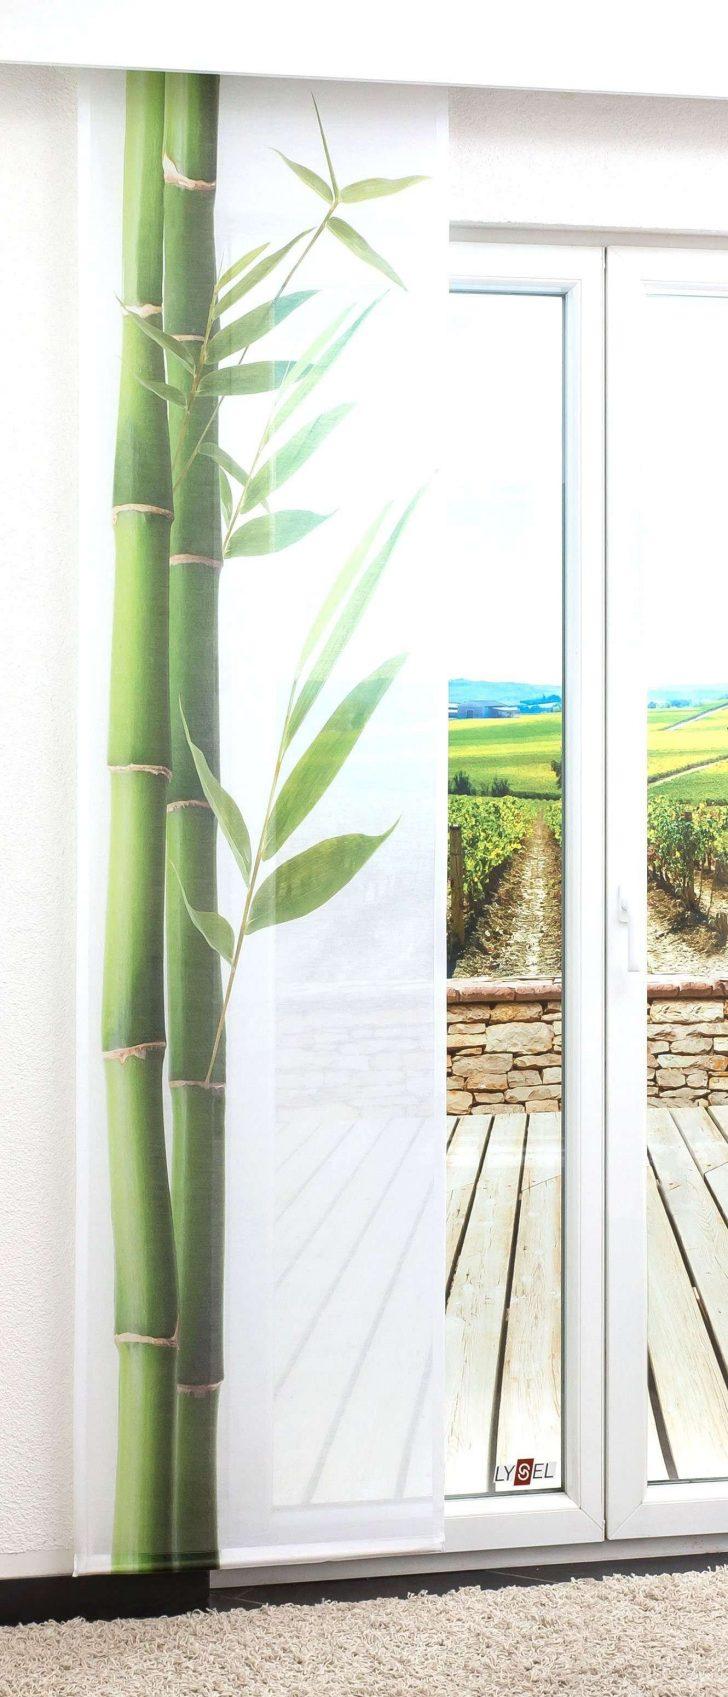 Medium Size of Hornbach Sichtschutz Ideen 42 Zum Wpc Fenster Sichtschutzfolie Für Garten Sichtschutzfolien Holz Einseitig Durchsichtig Im Wohnzimmer Hornbach Sichtschutz